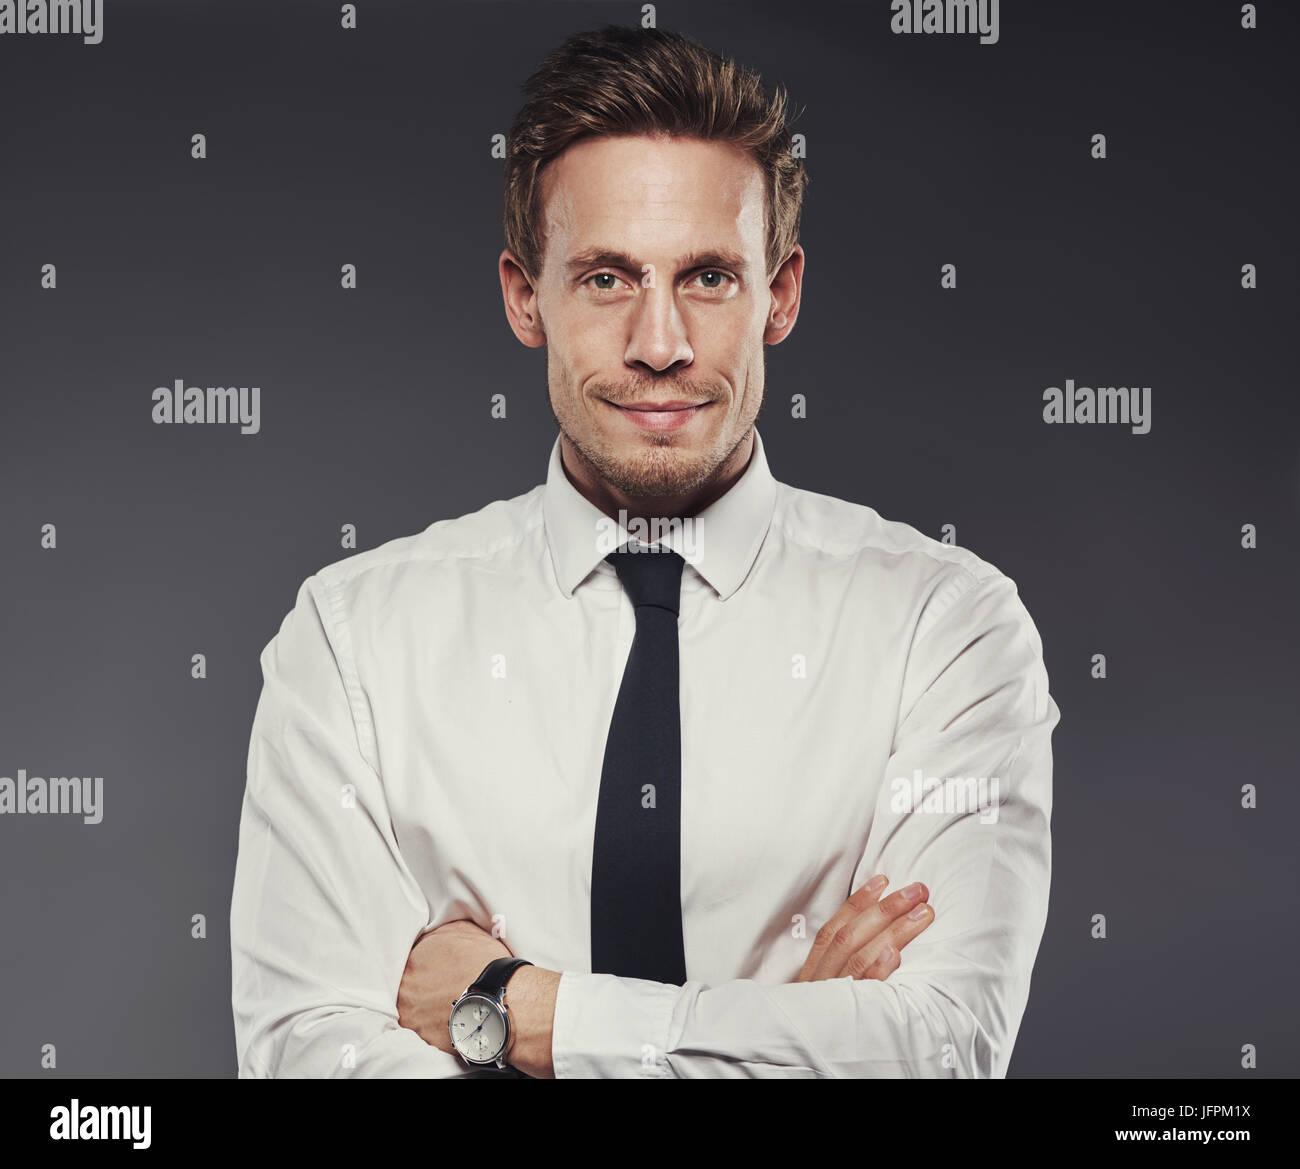 Apuesto joven empresario llevaba una camisa y corbata sonriendo y de pie con los brazos cruzados solo en un estudio Imagen De Stock